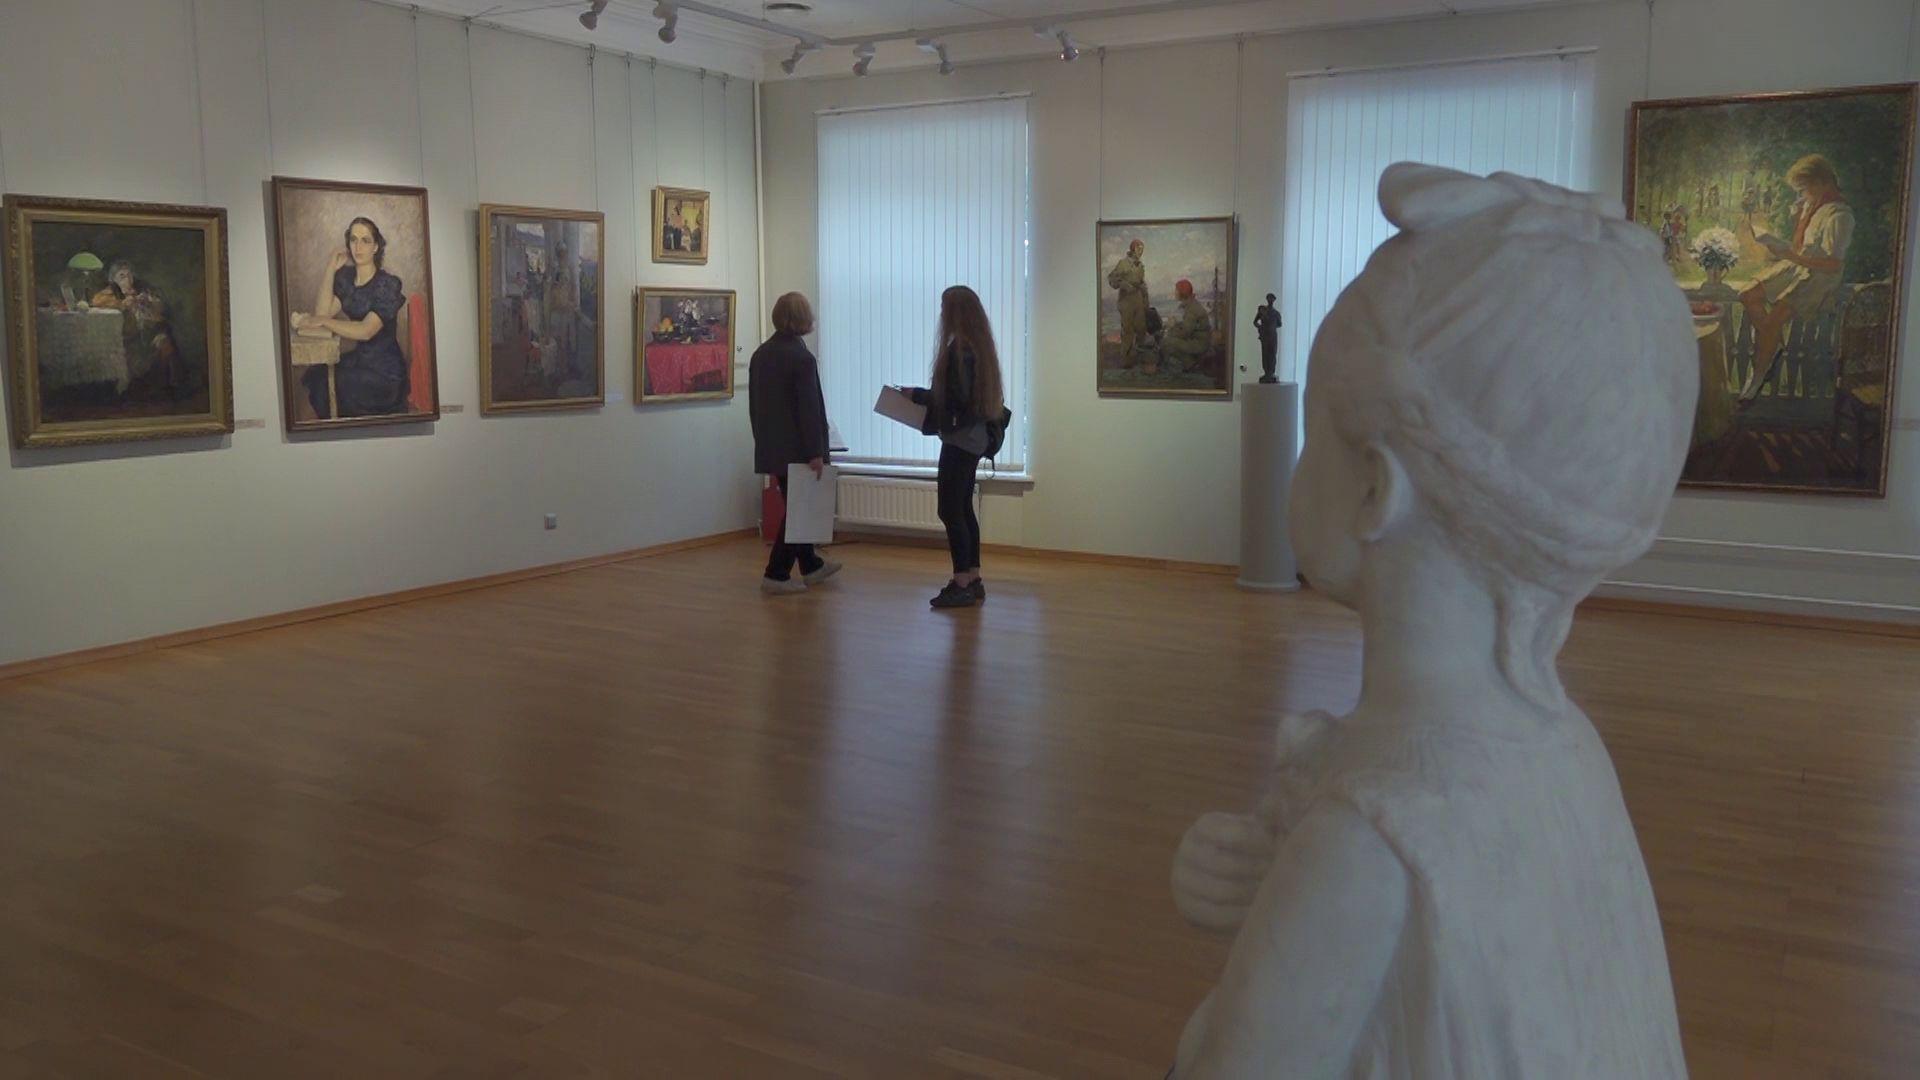 Этюд из фонда Ярославского музея помог восстановить утраченный шедевр